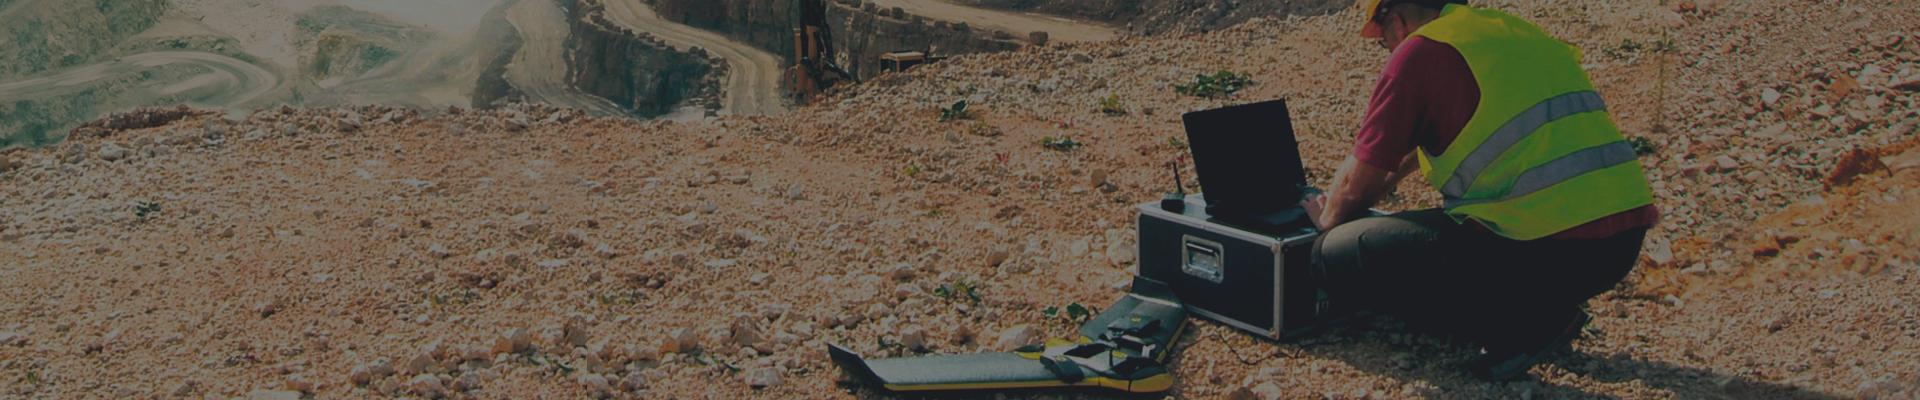 uav sensefly drones profesionales aplicaciones mineria